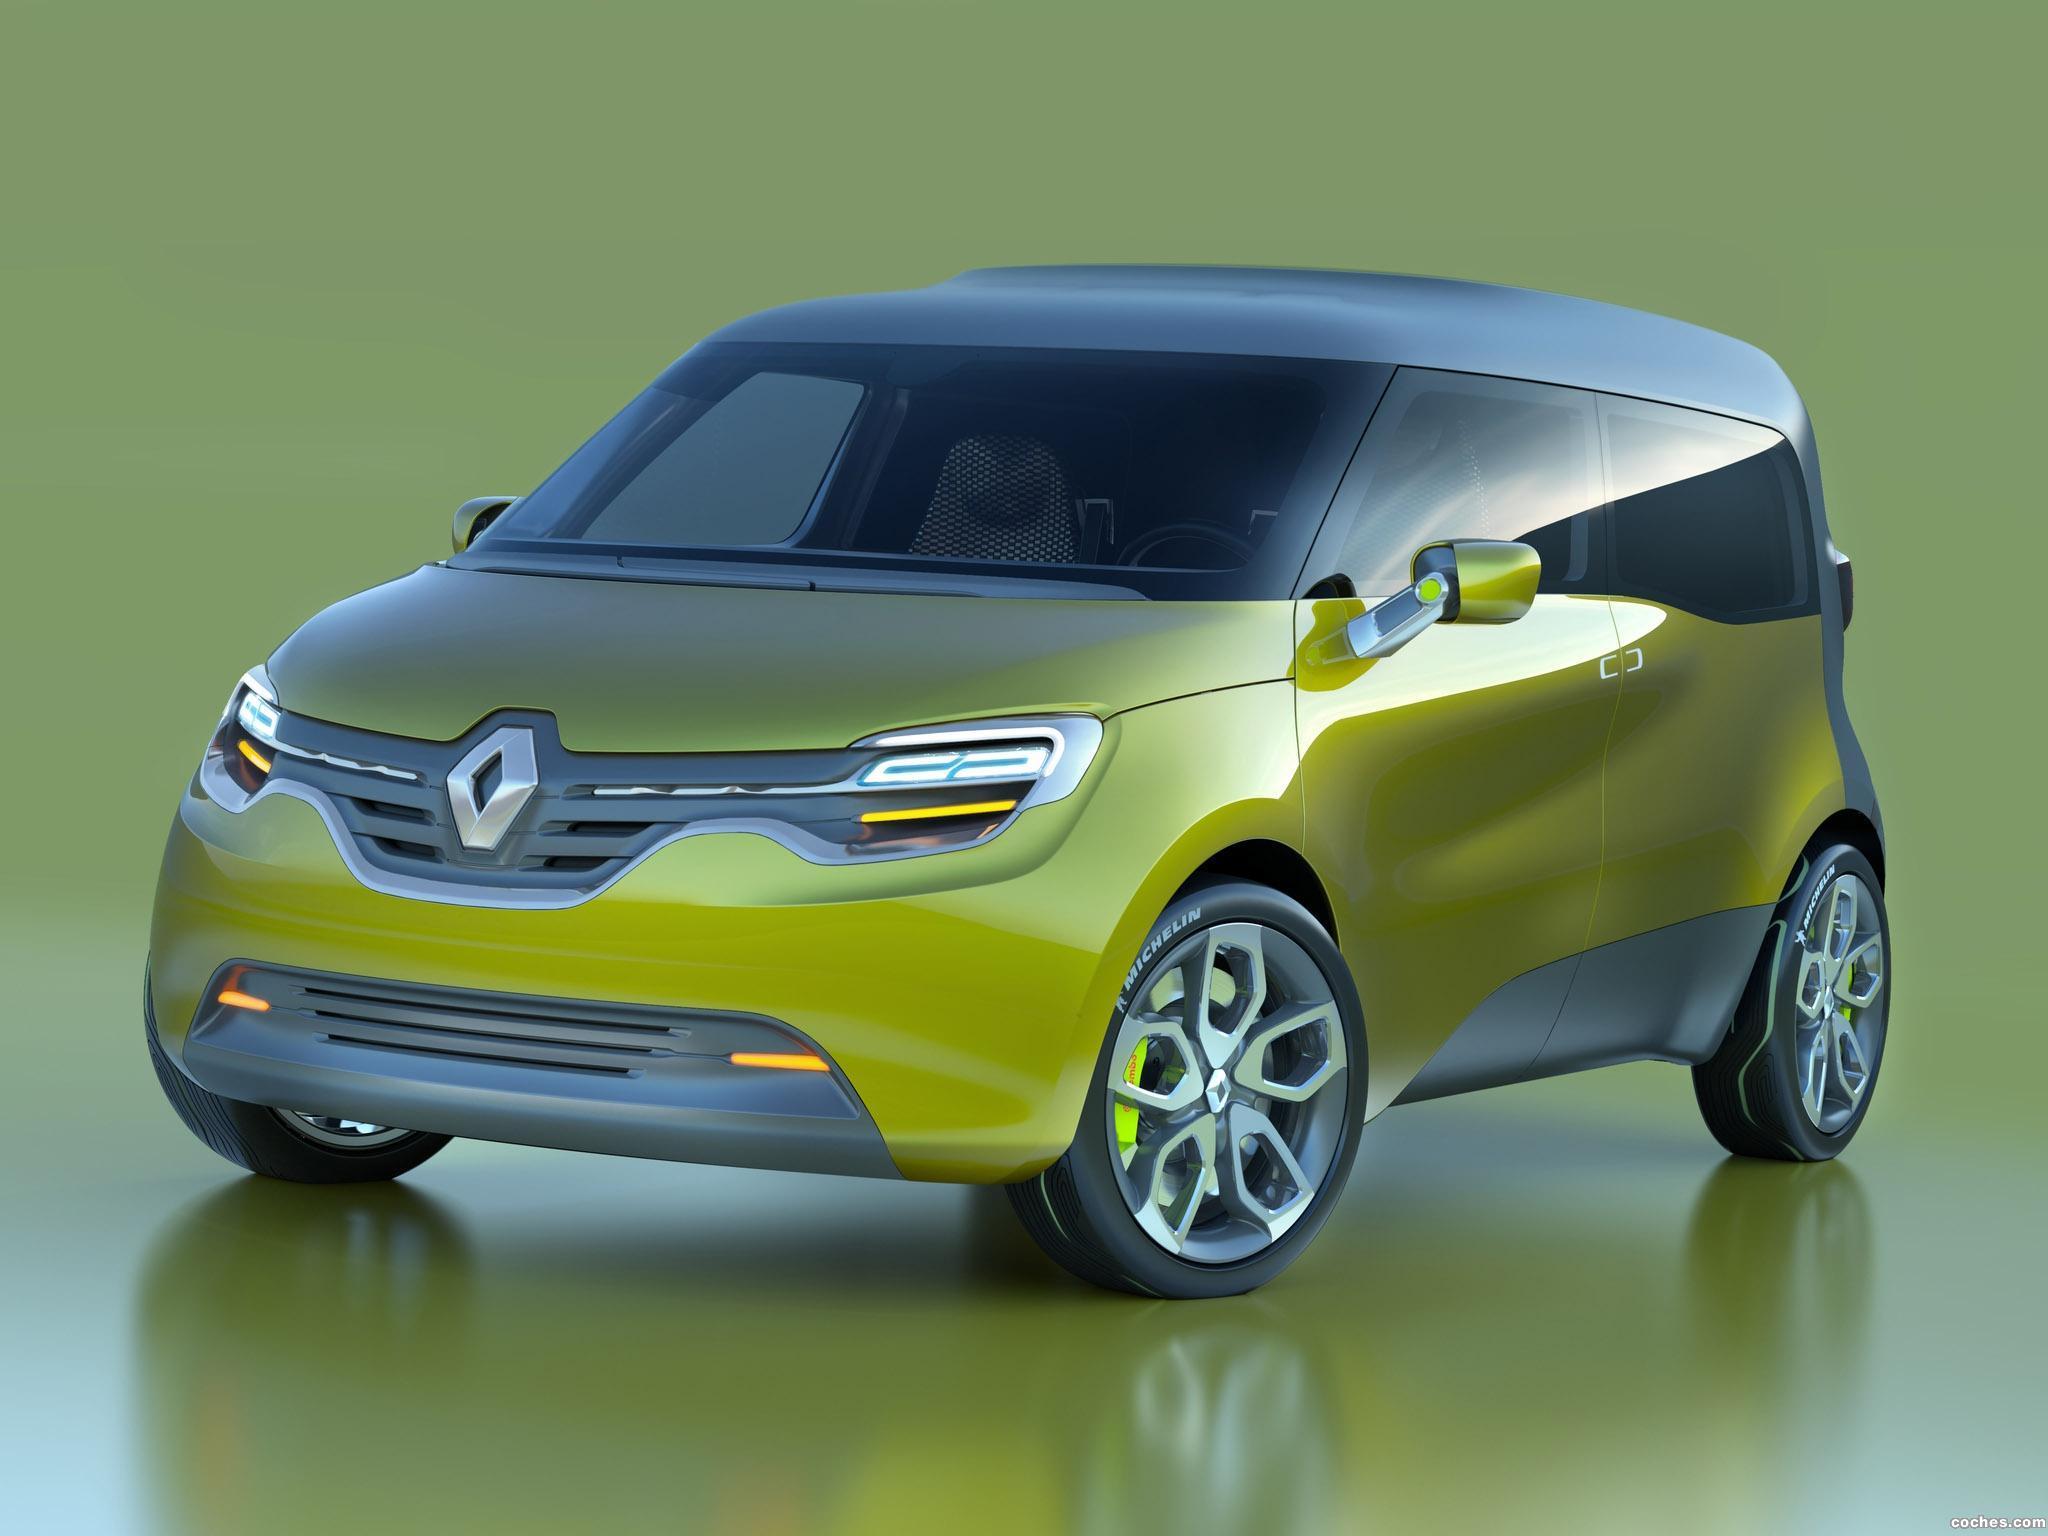 Foto 0 de Renault Frendzy Concept 2011